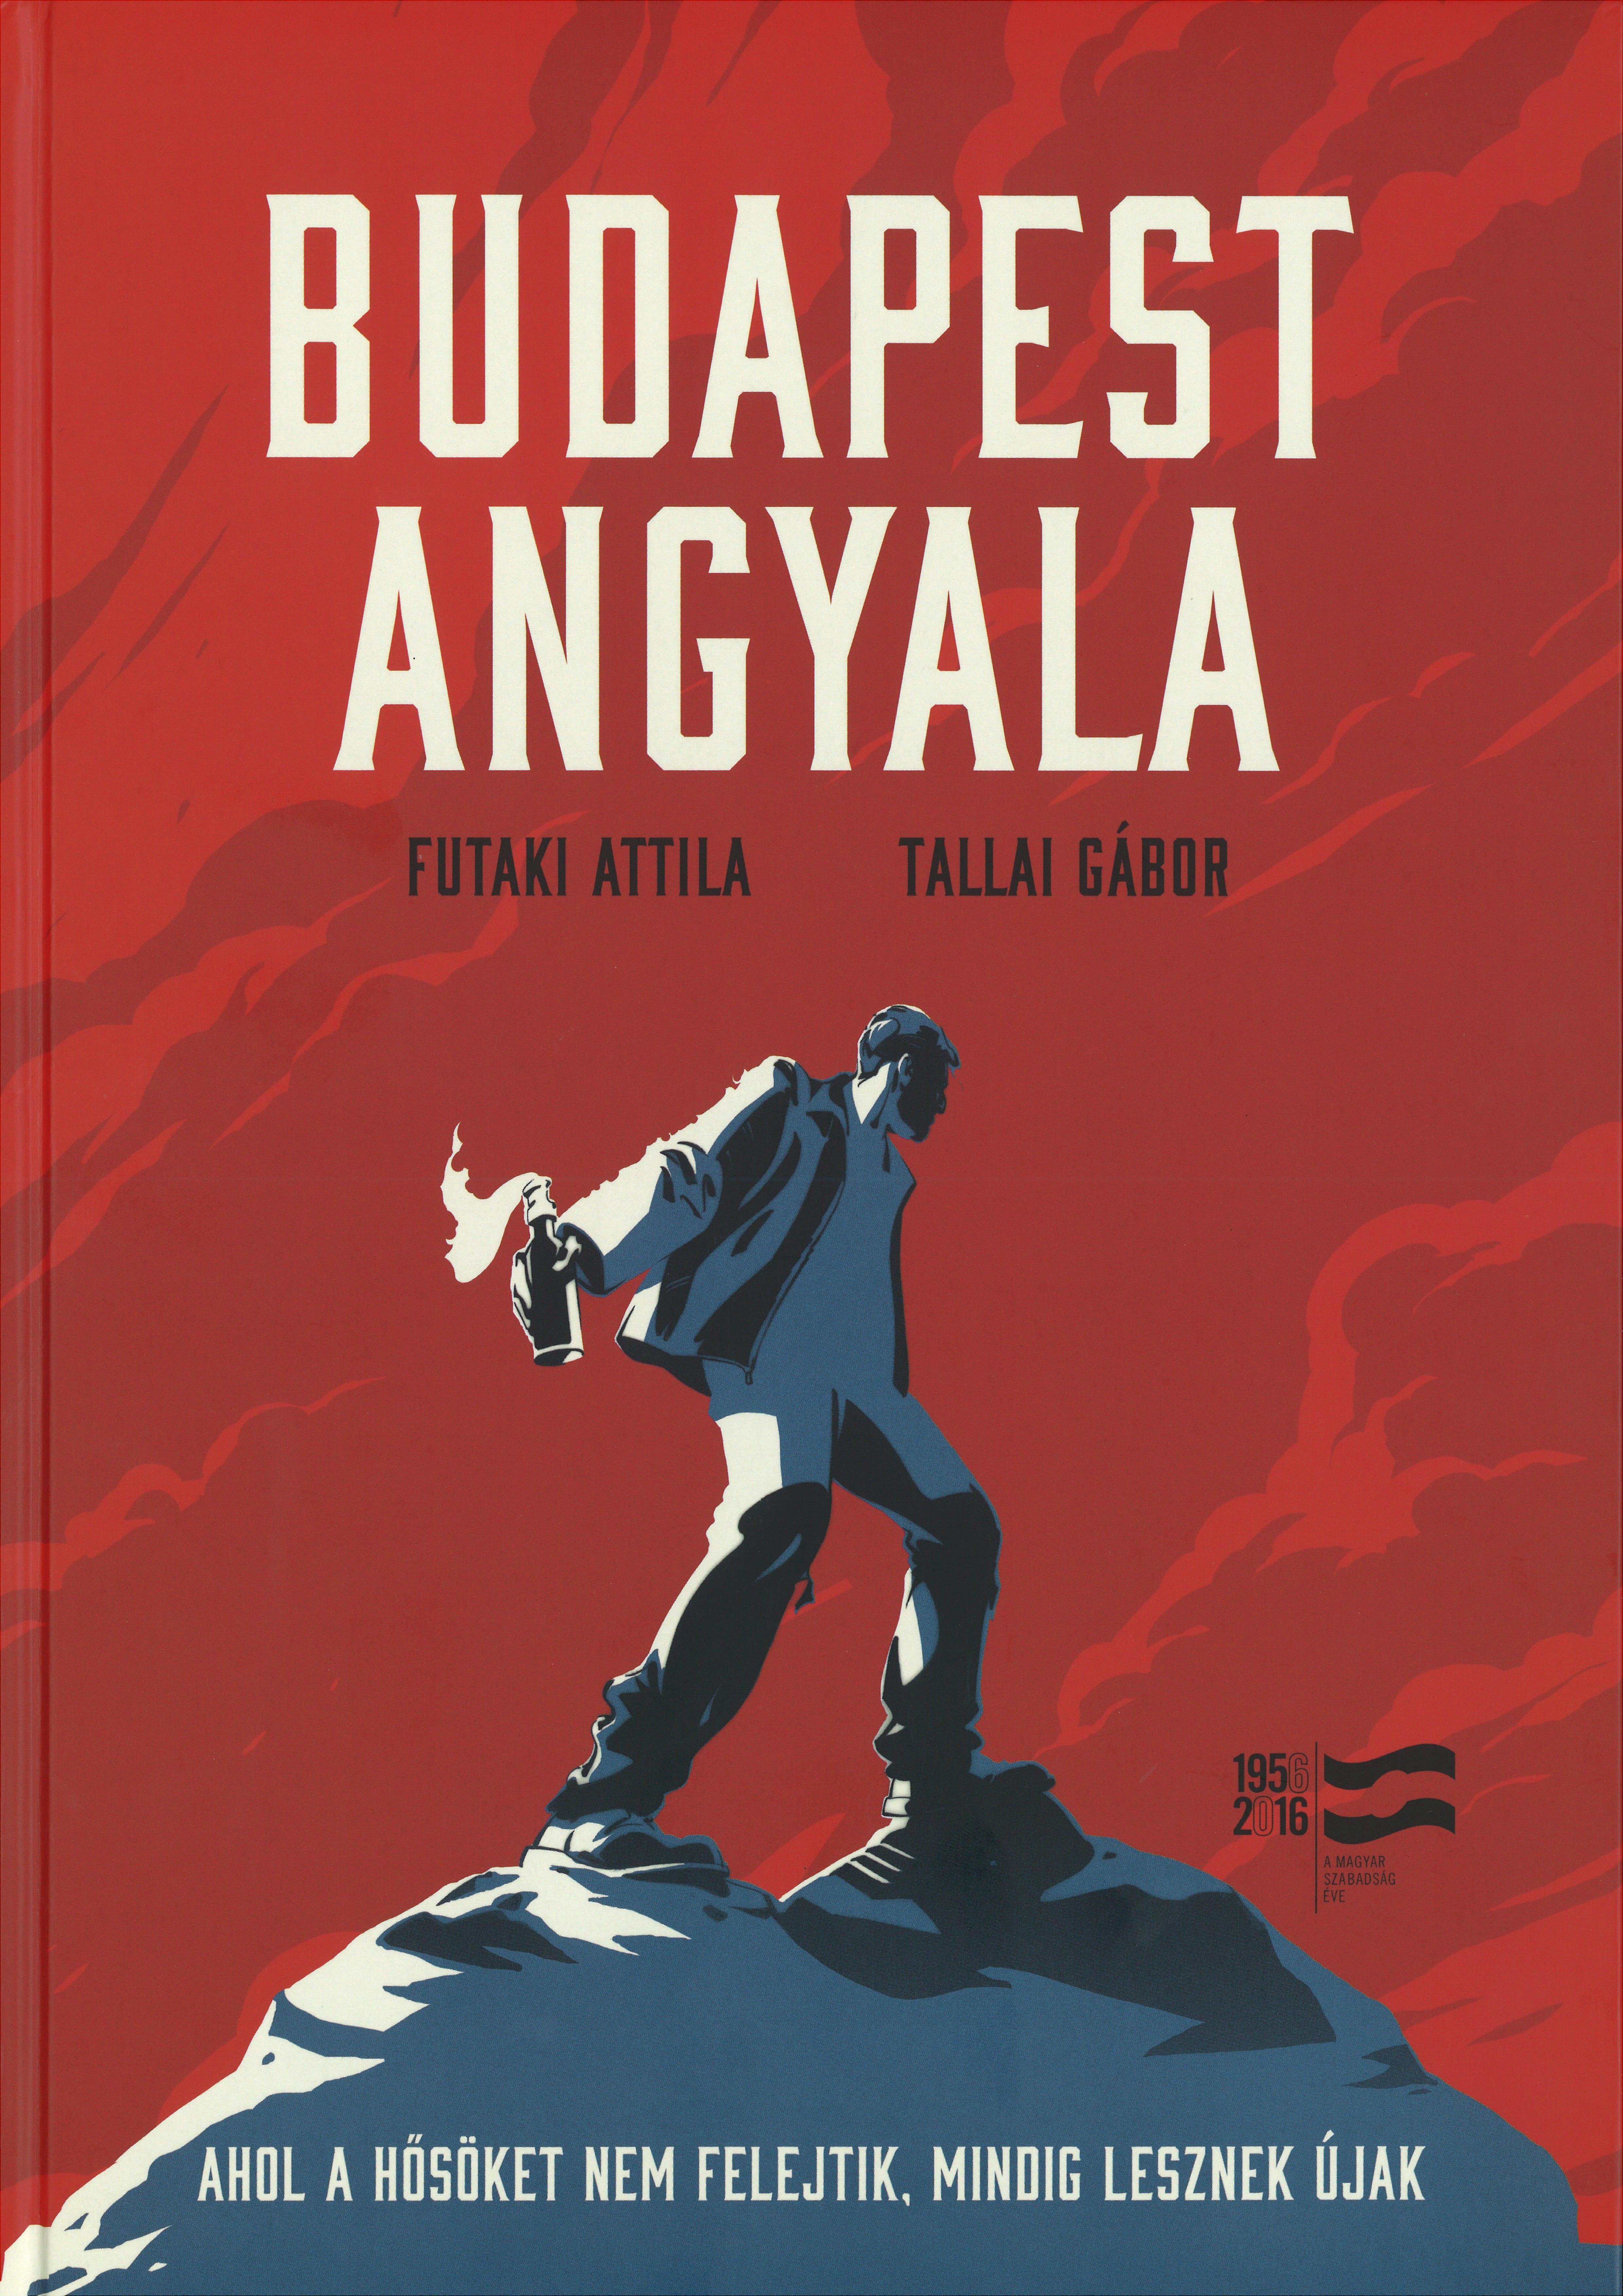 Budapest Angyala borító